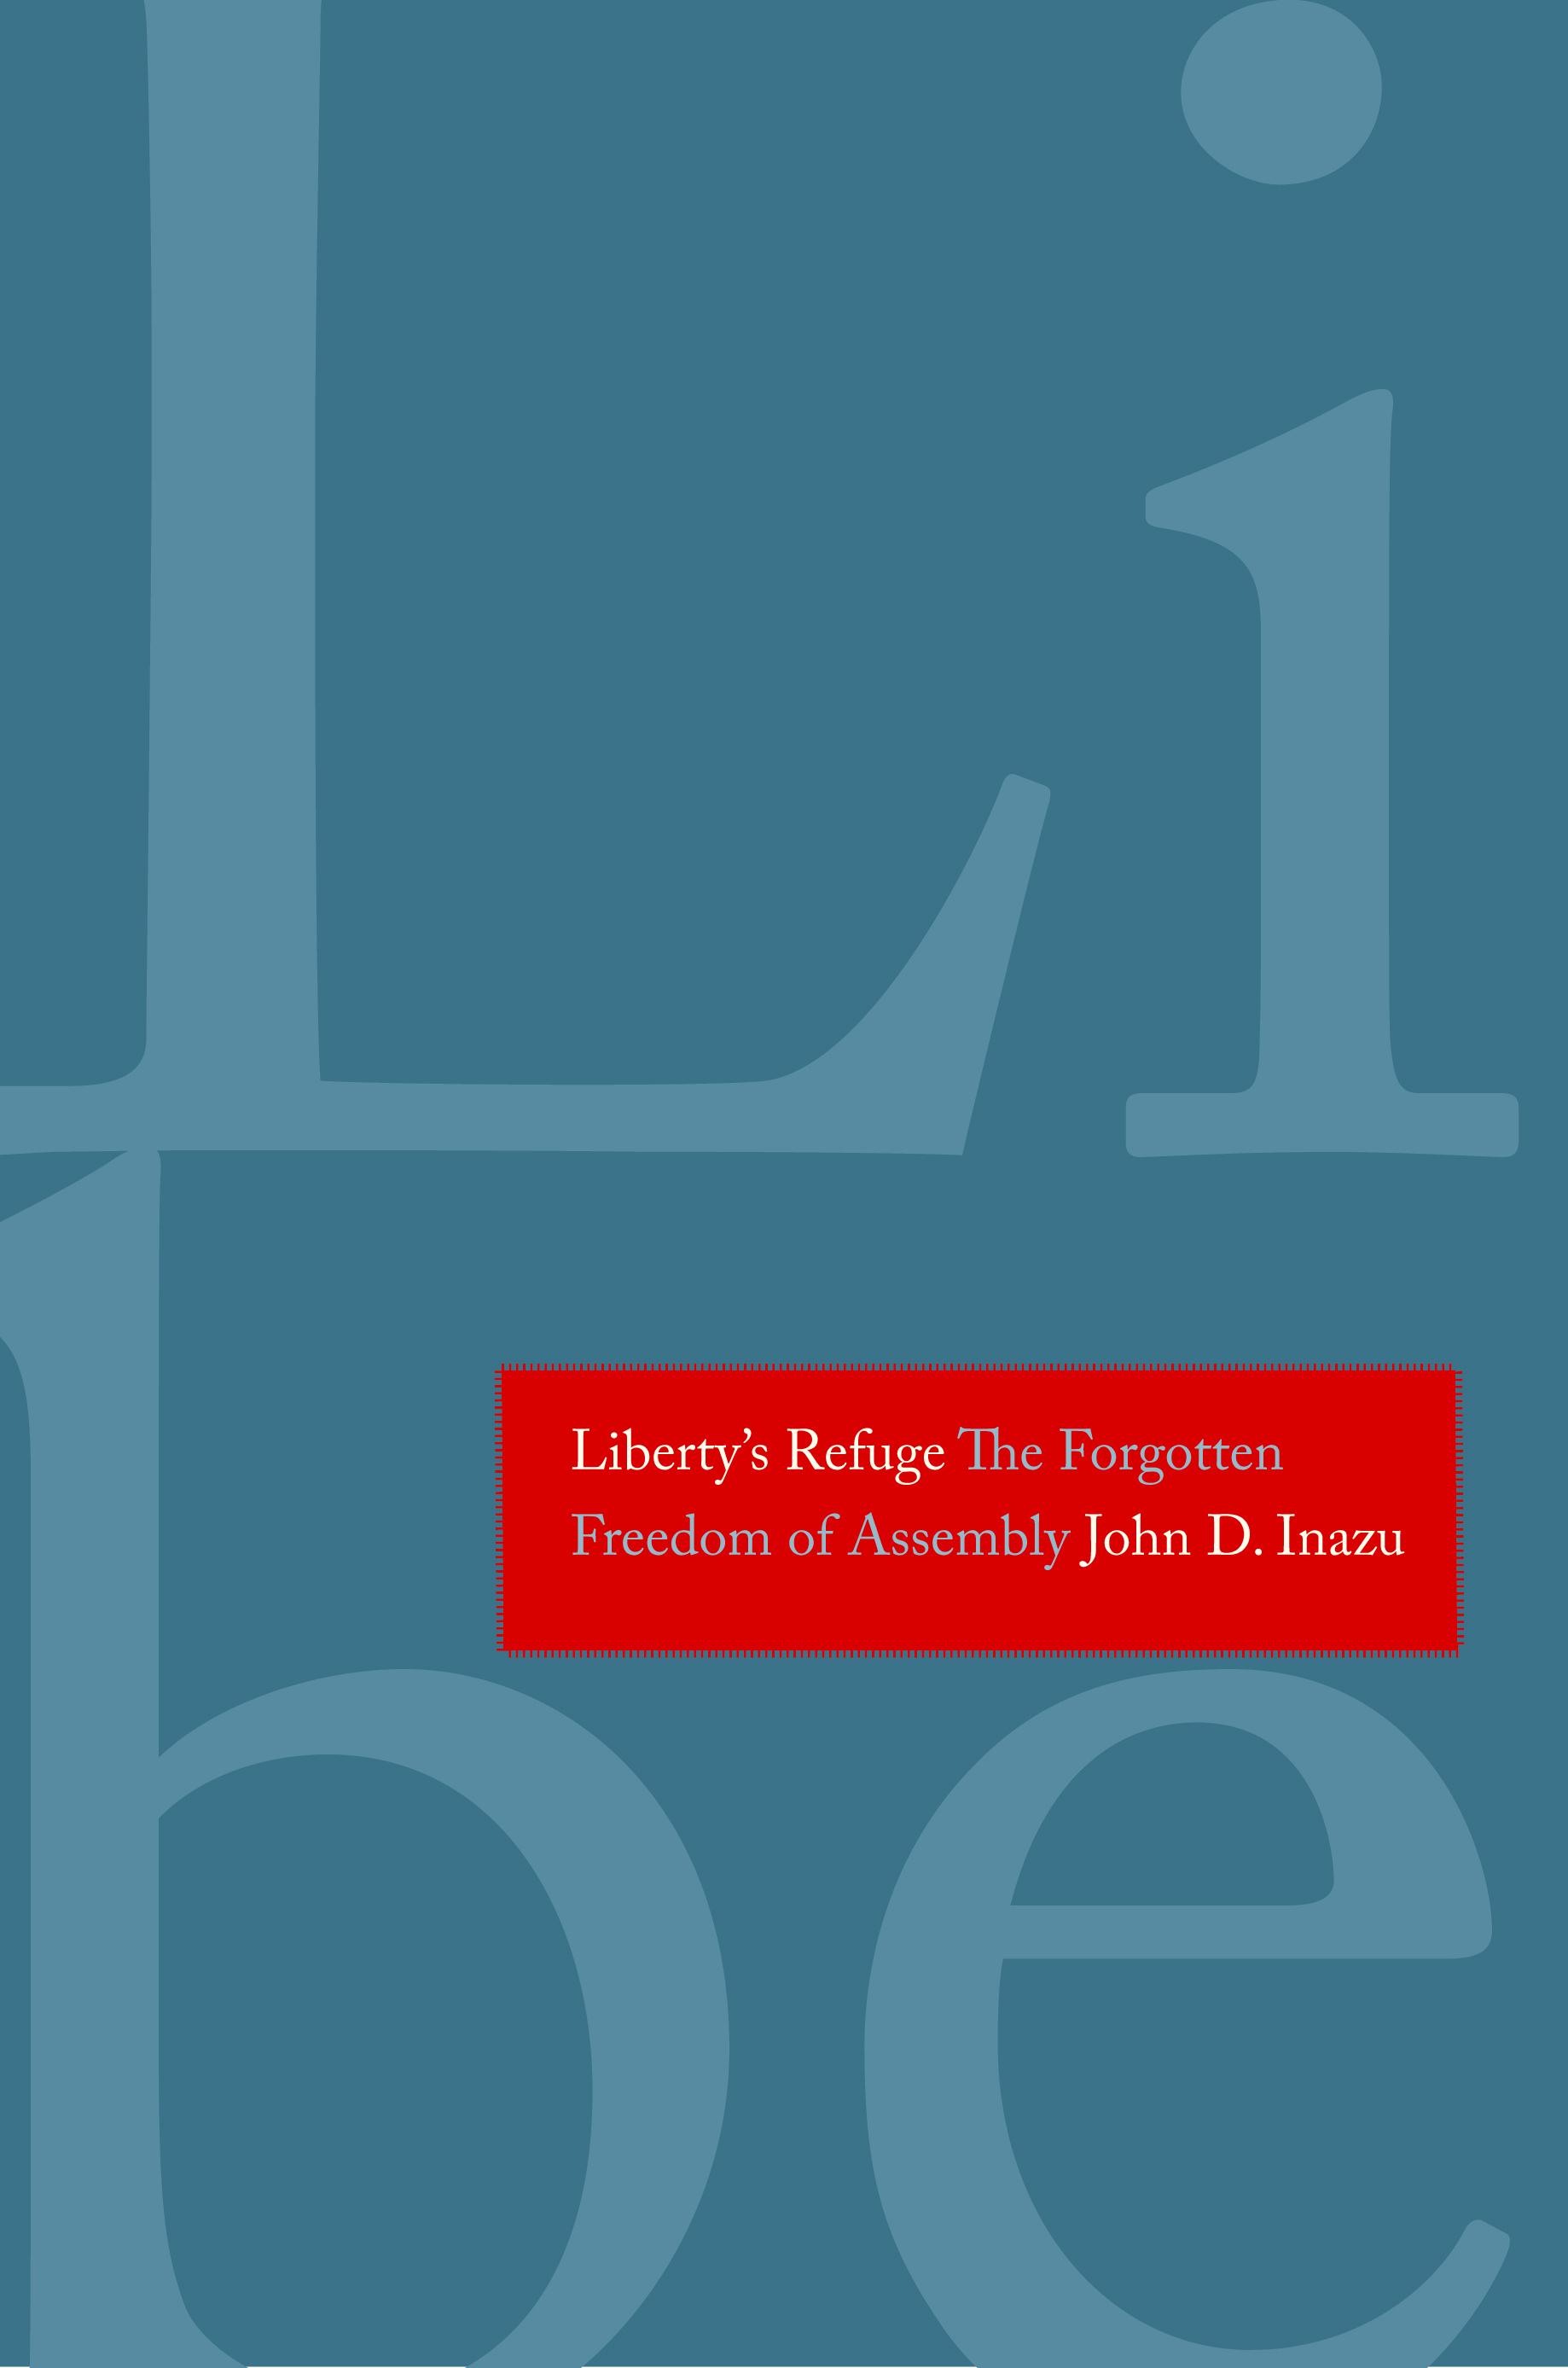 LR Cover.jpg